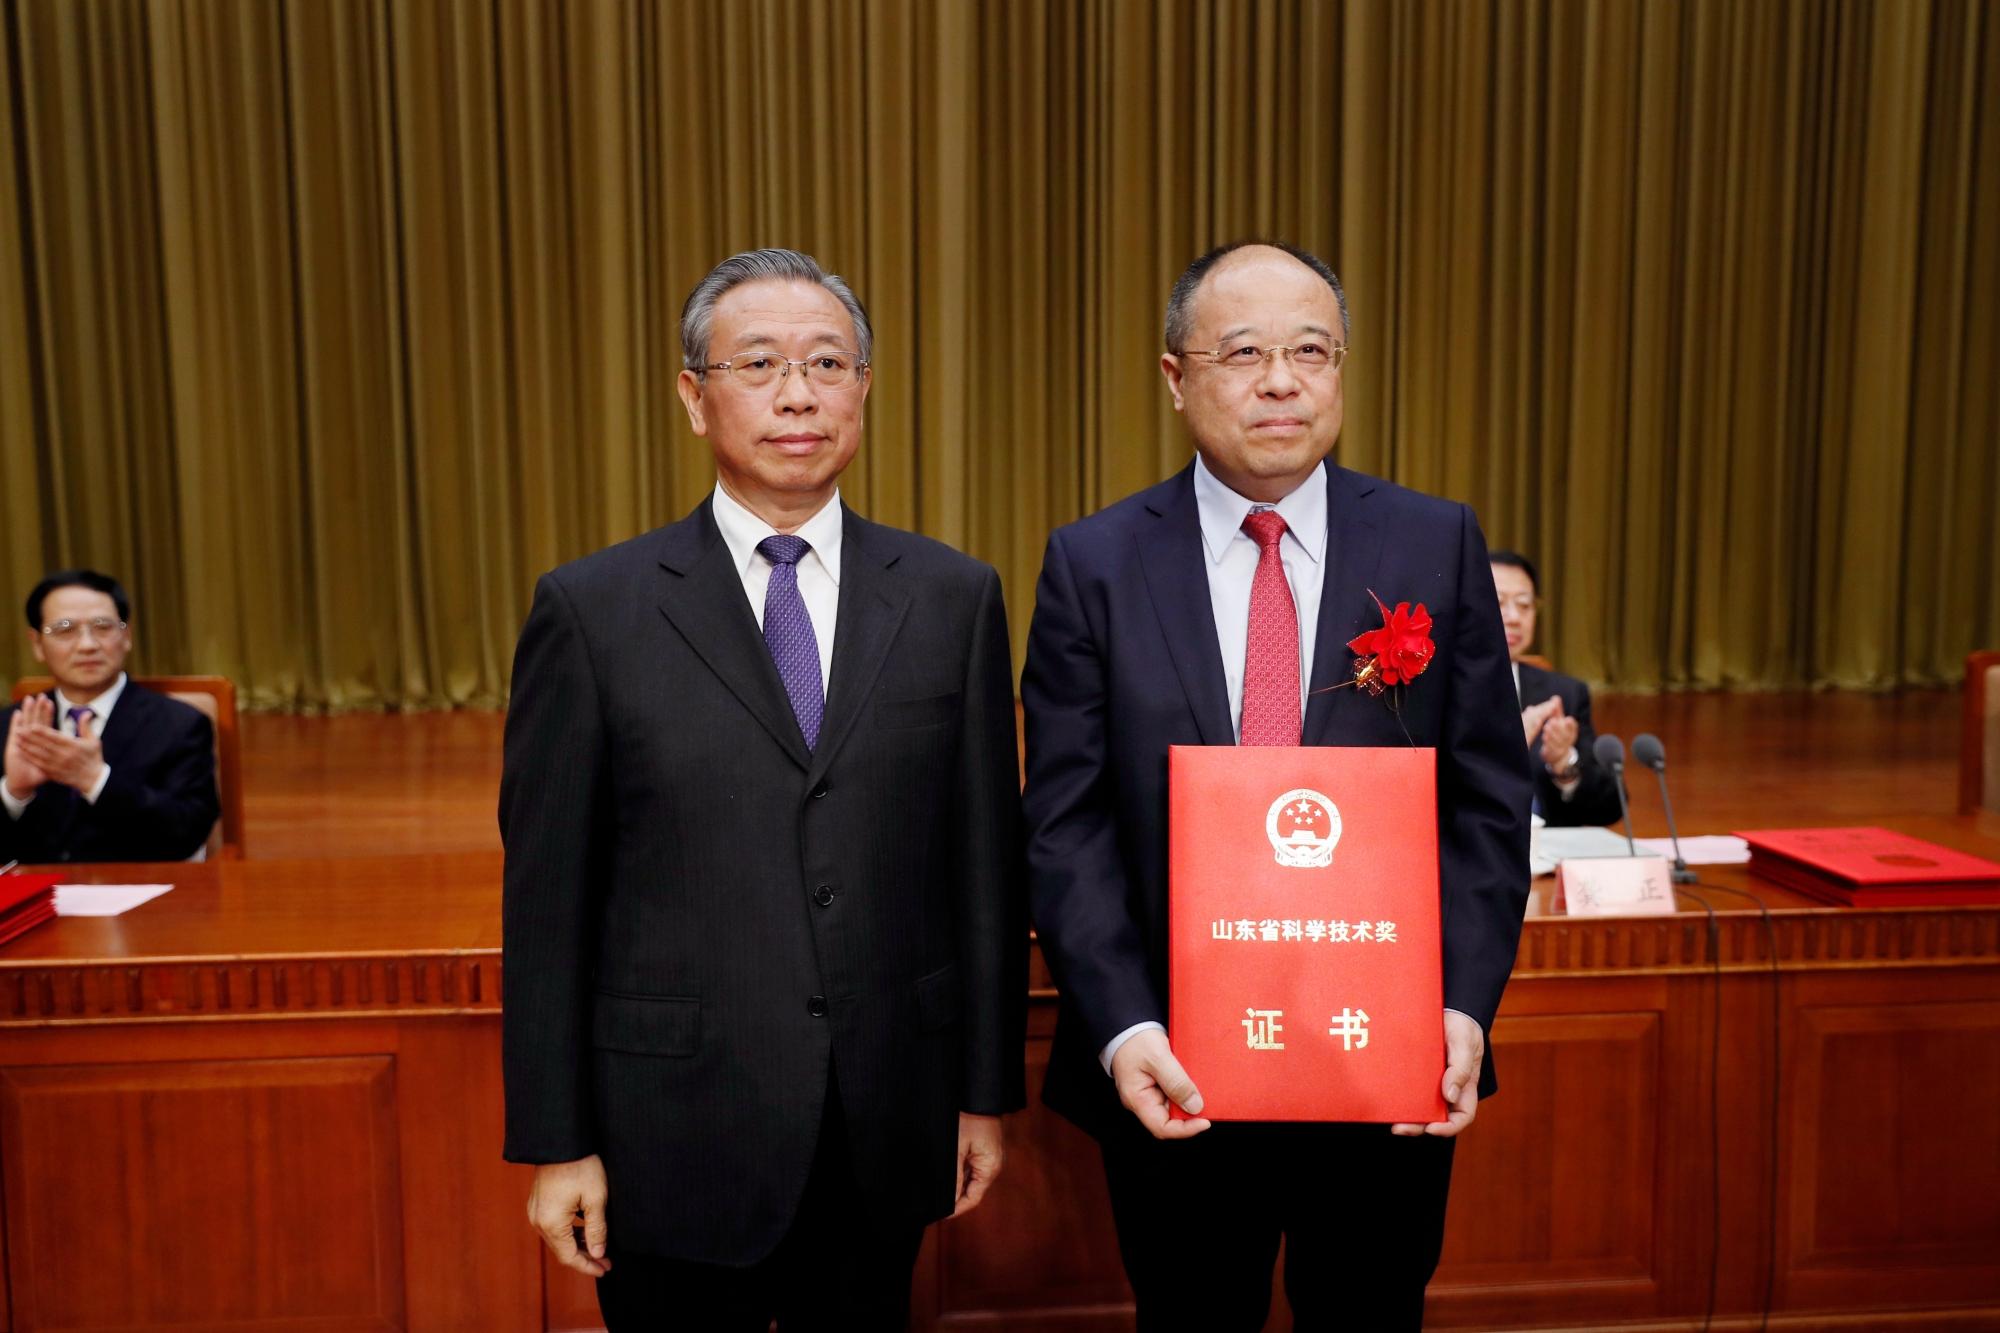 史伟云教授荣获2017年度山东省科学技术最高奖